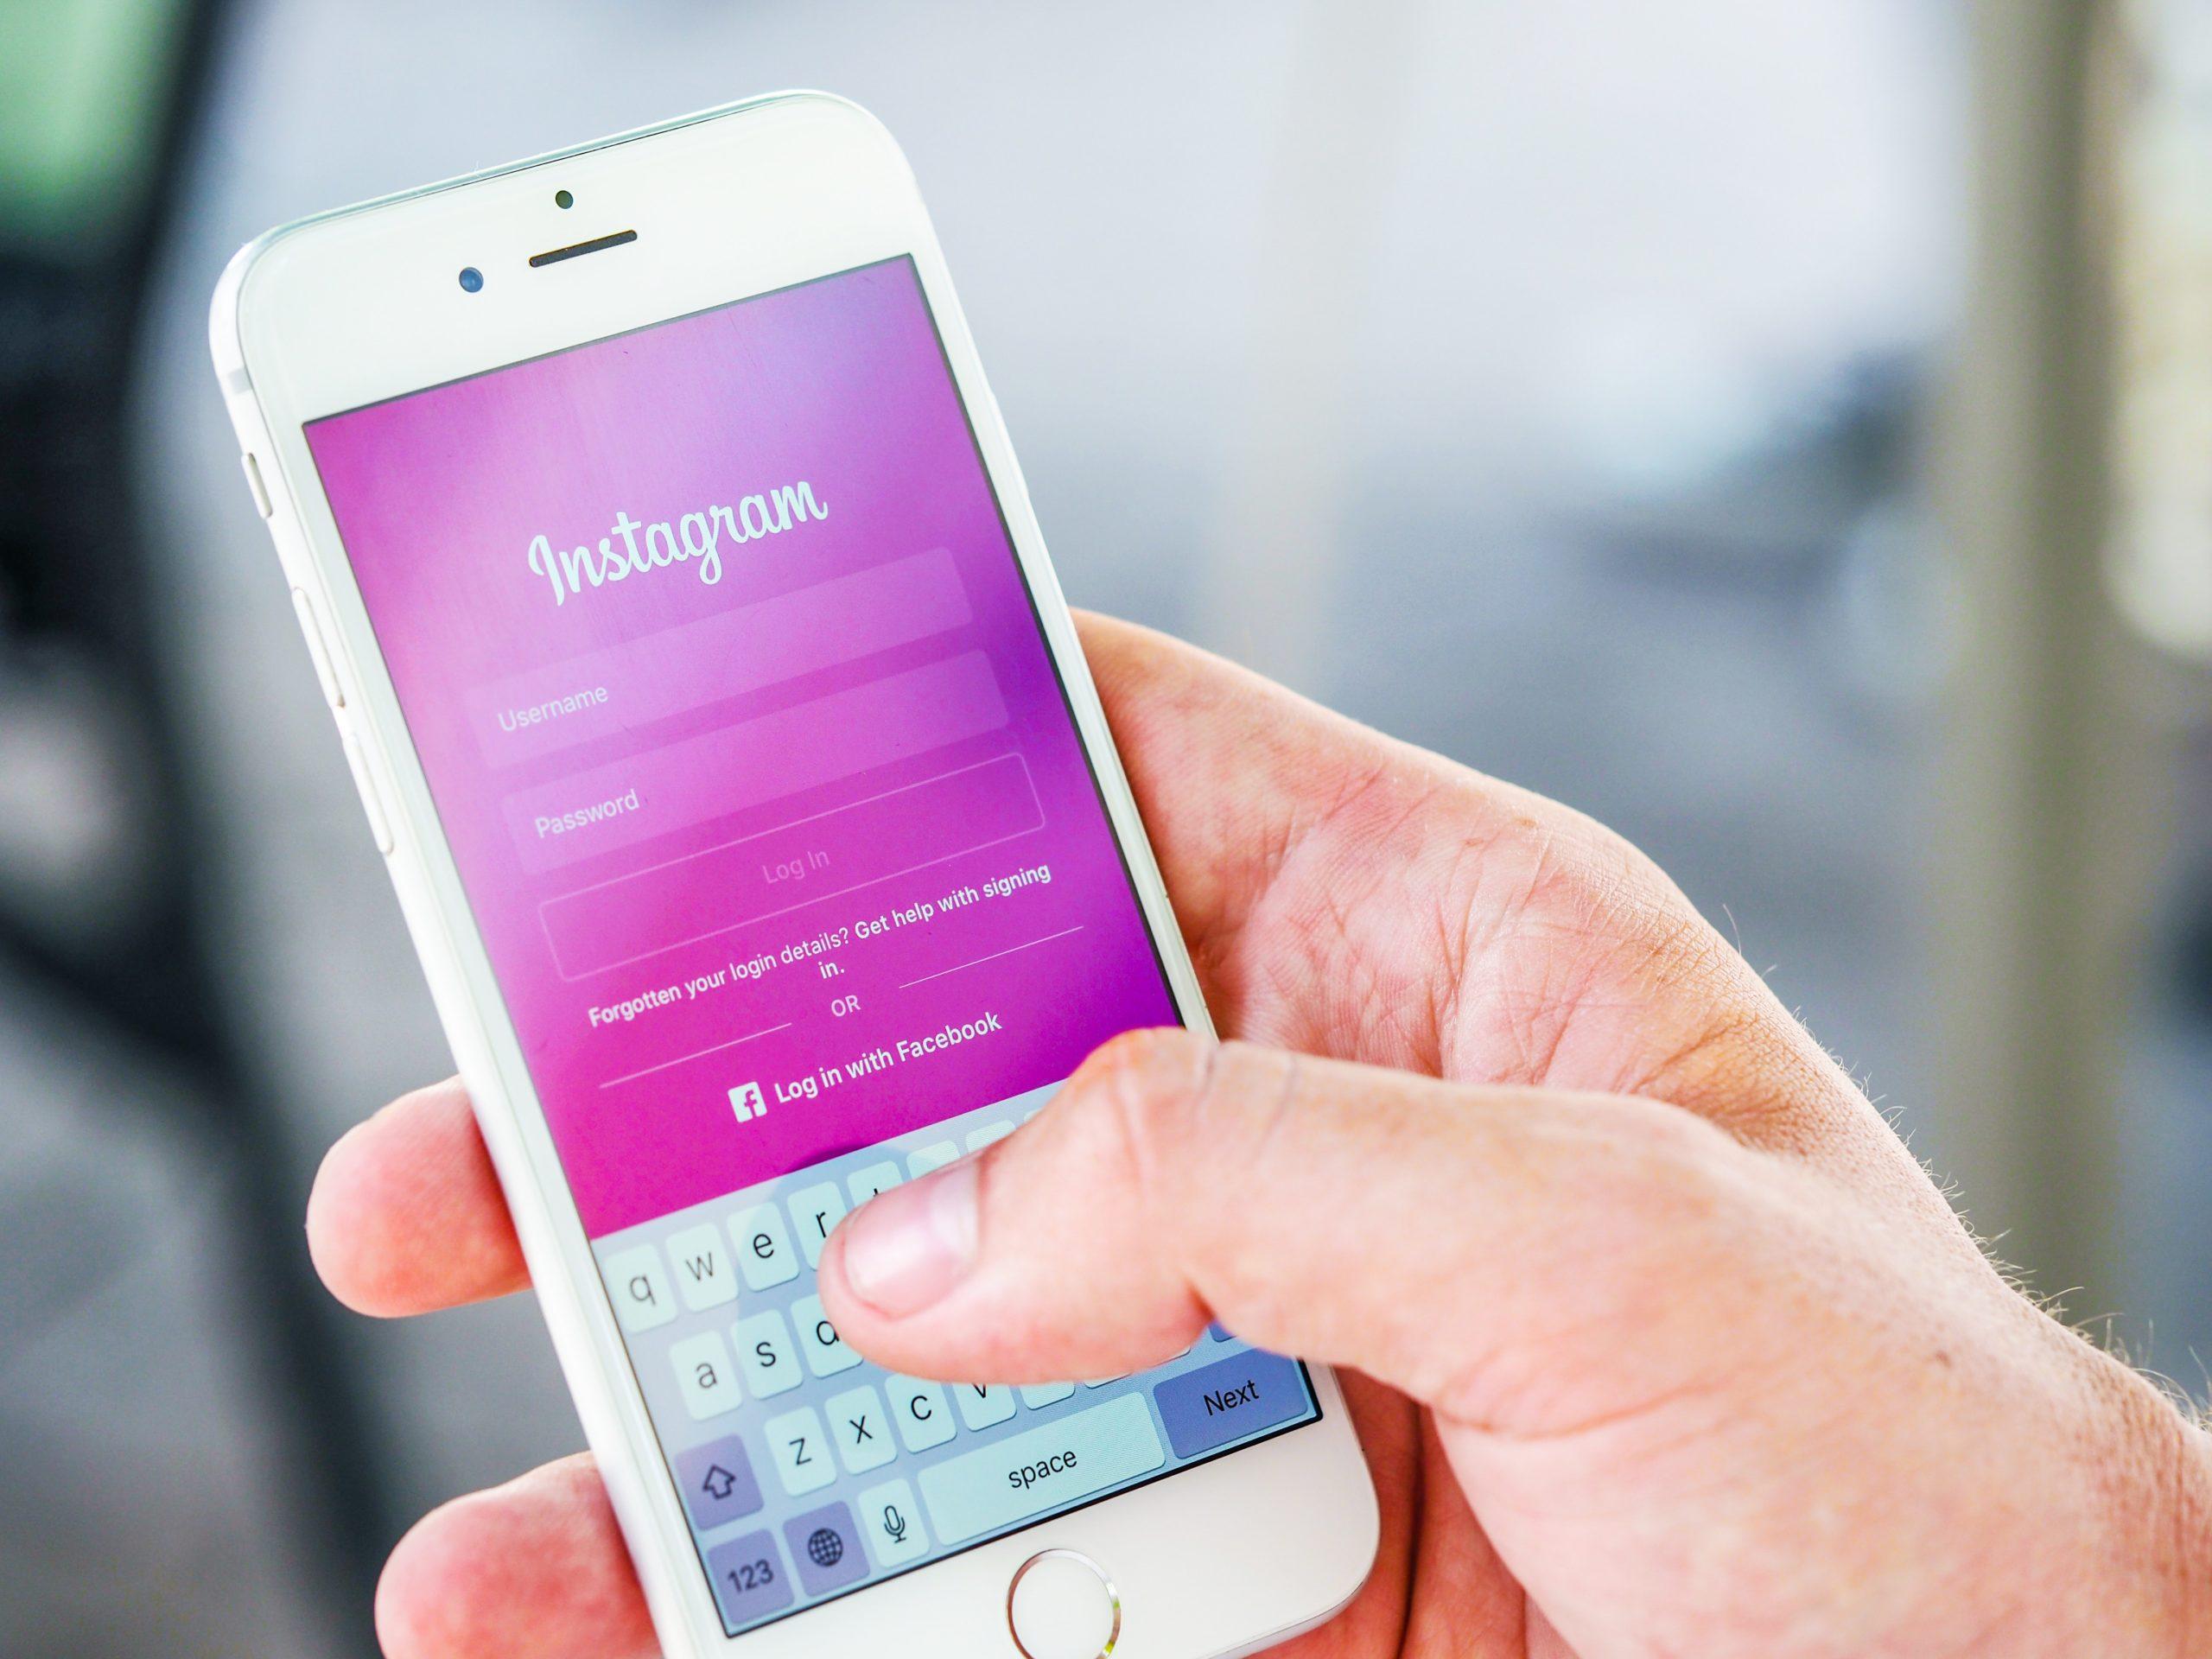 Cómo Recuperar Mensajes Borrados De Instagram